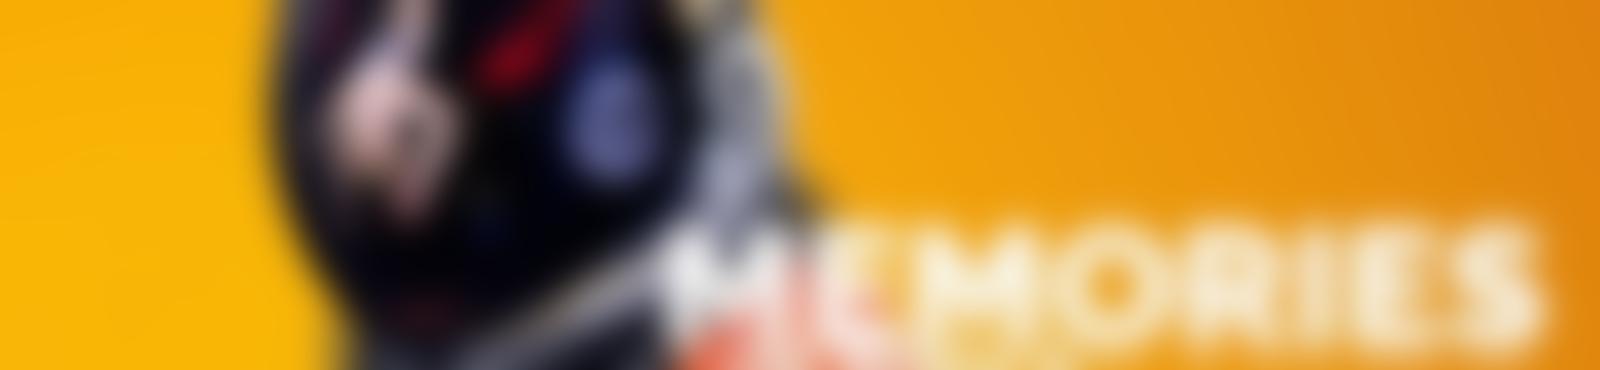 Blurred 83136b22 9a99 454d 9d55 ca2c425c44c8